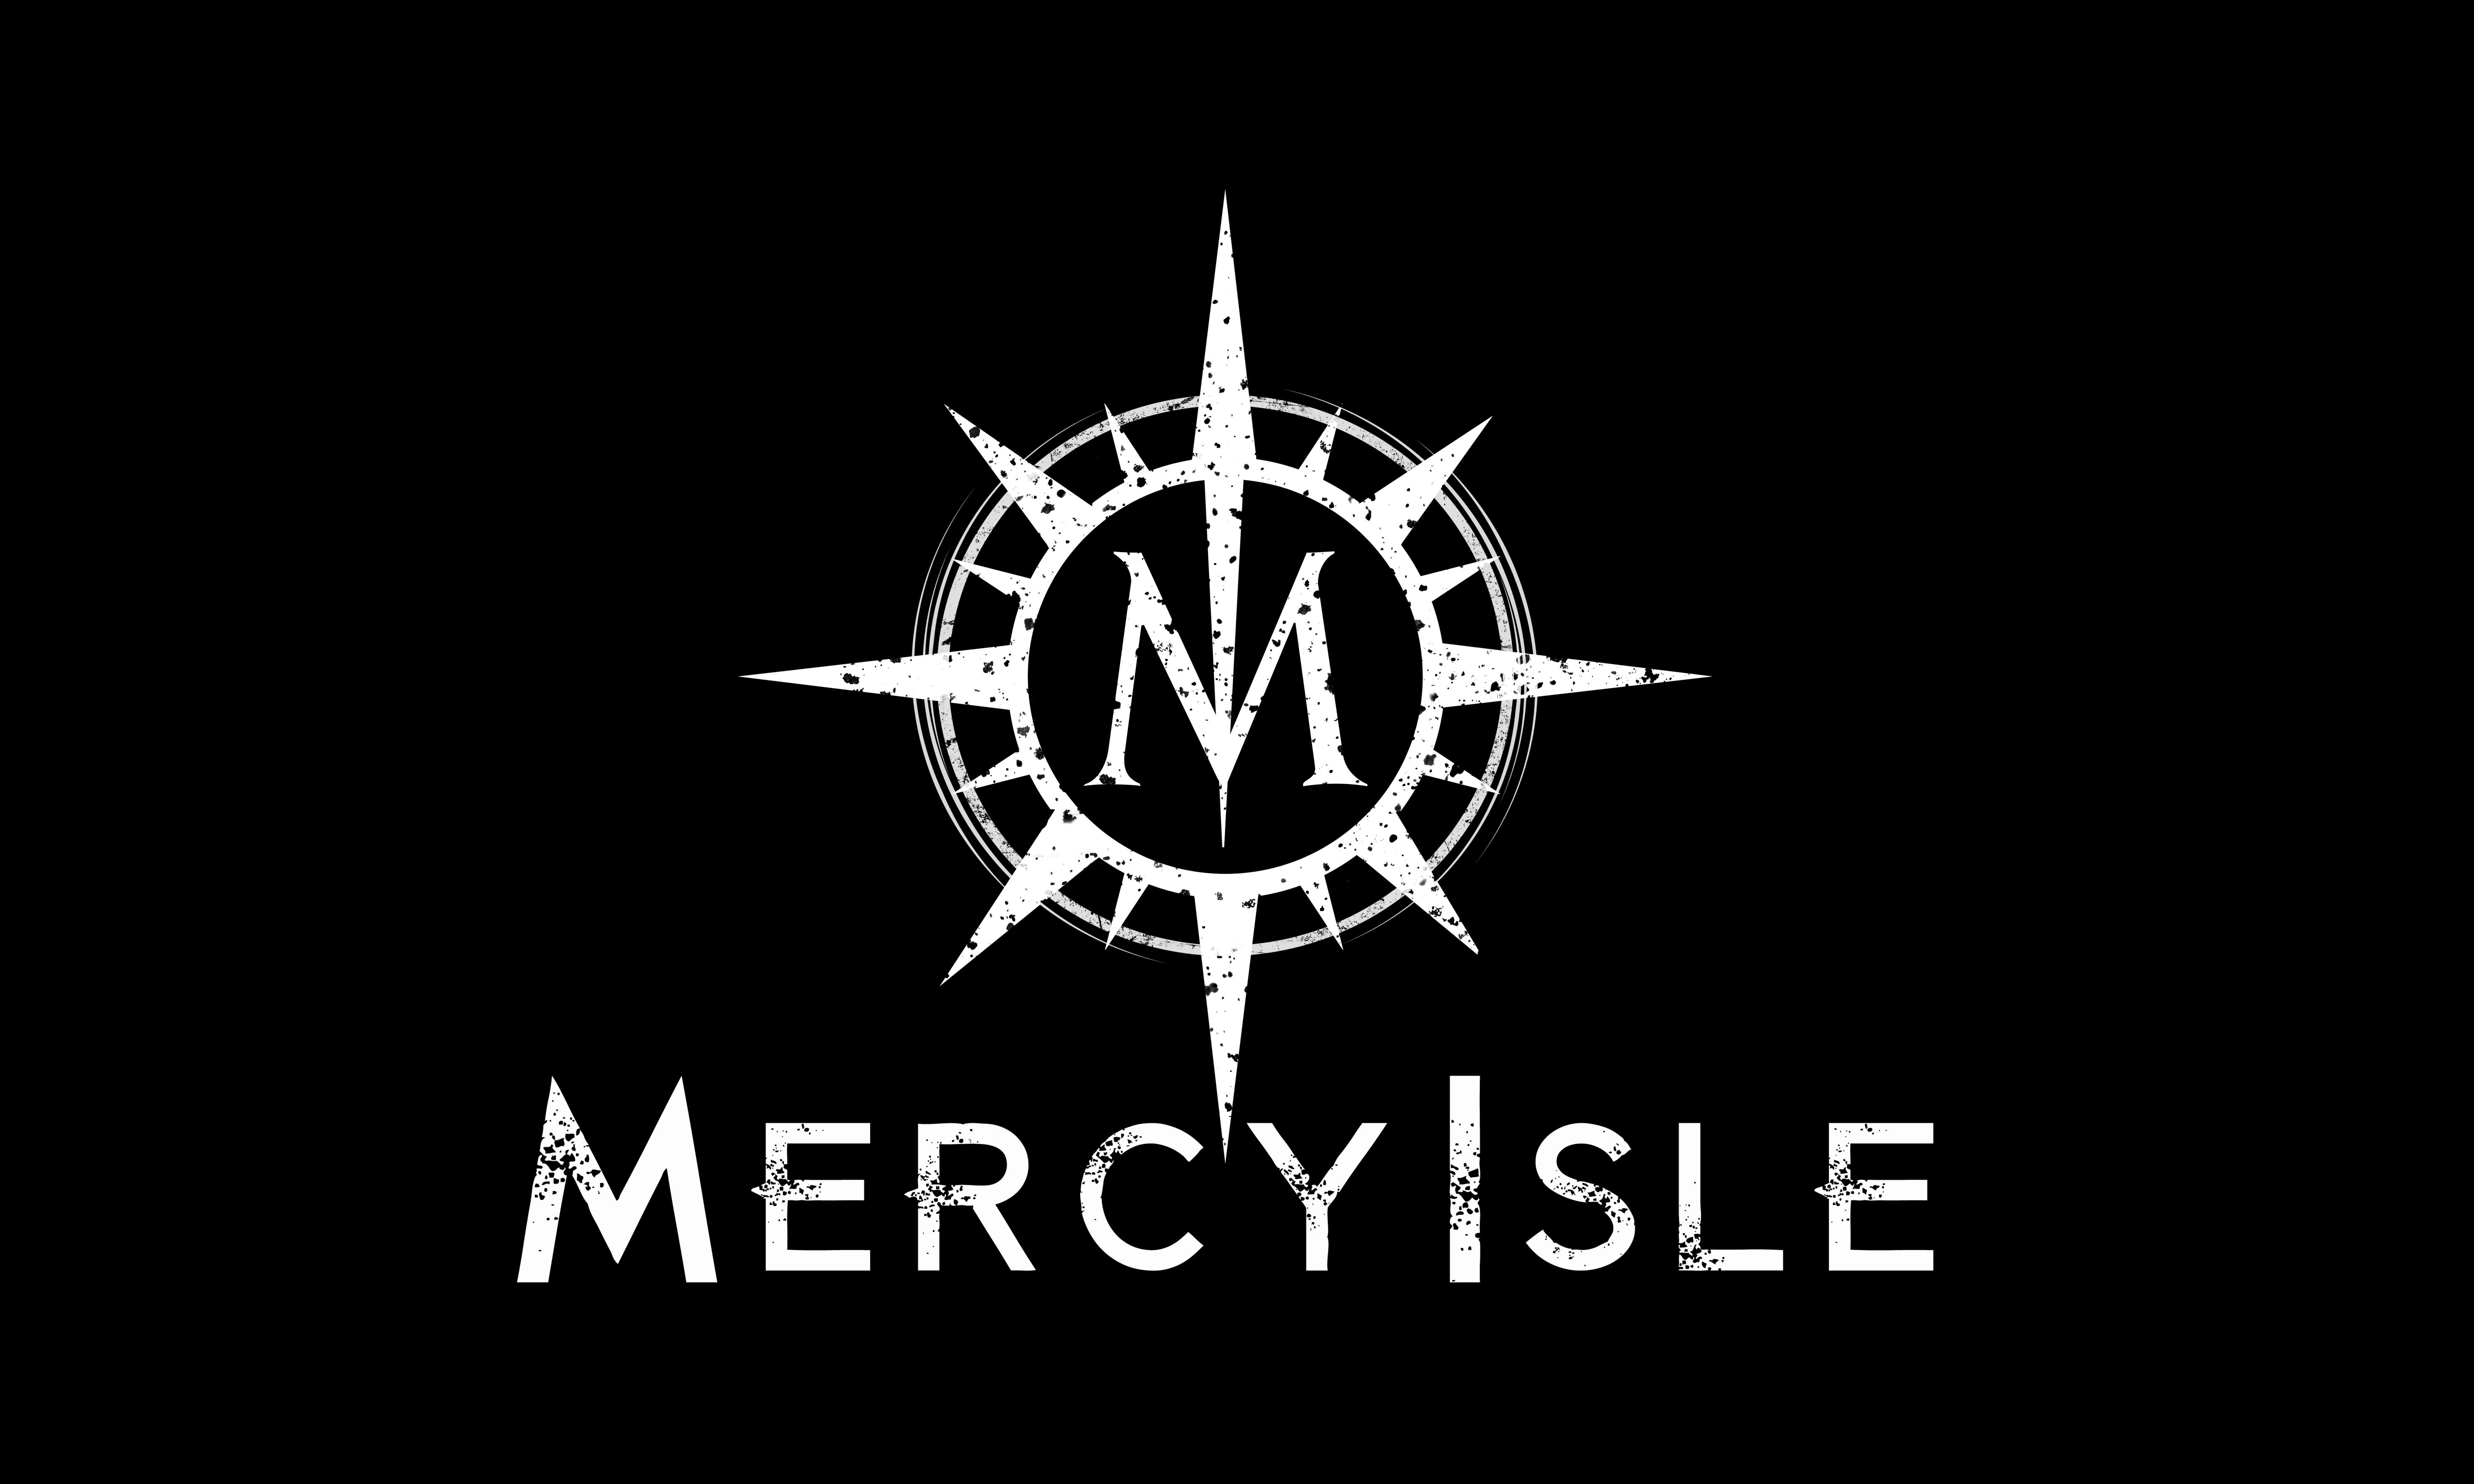 Mercy Isle